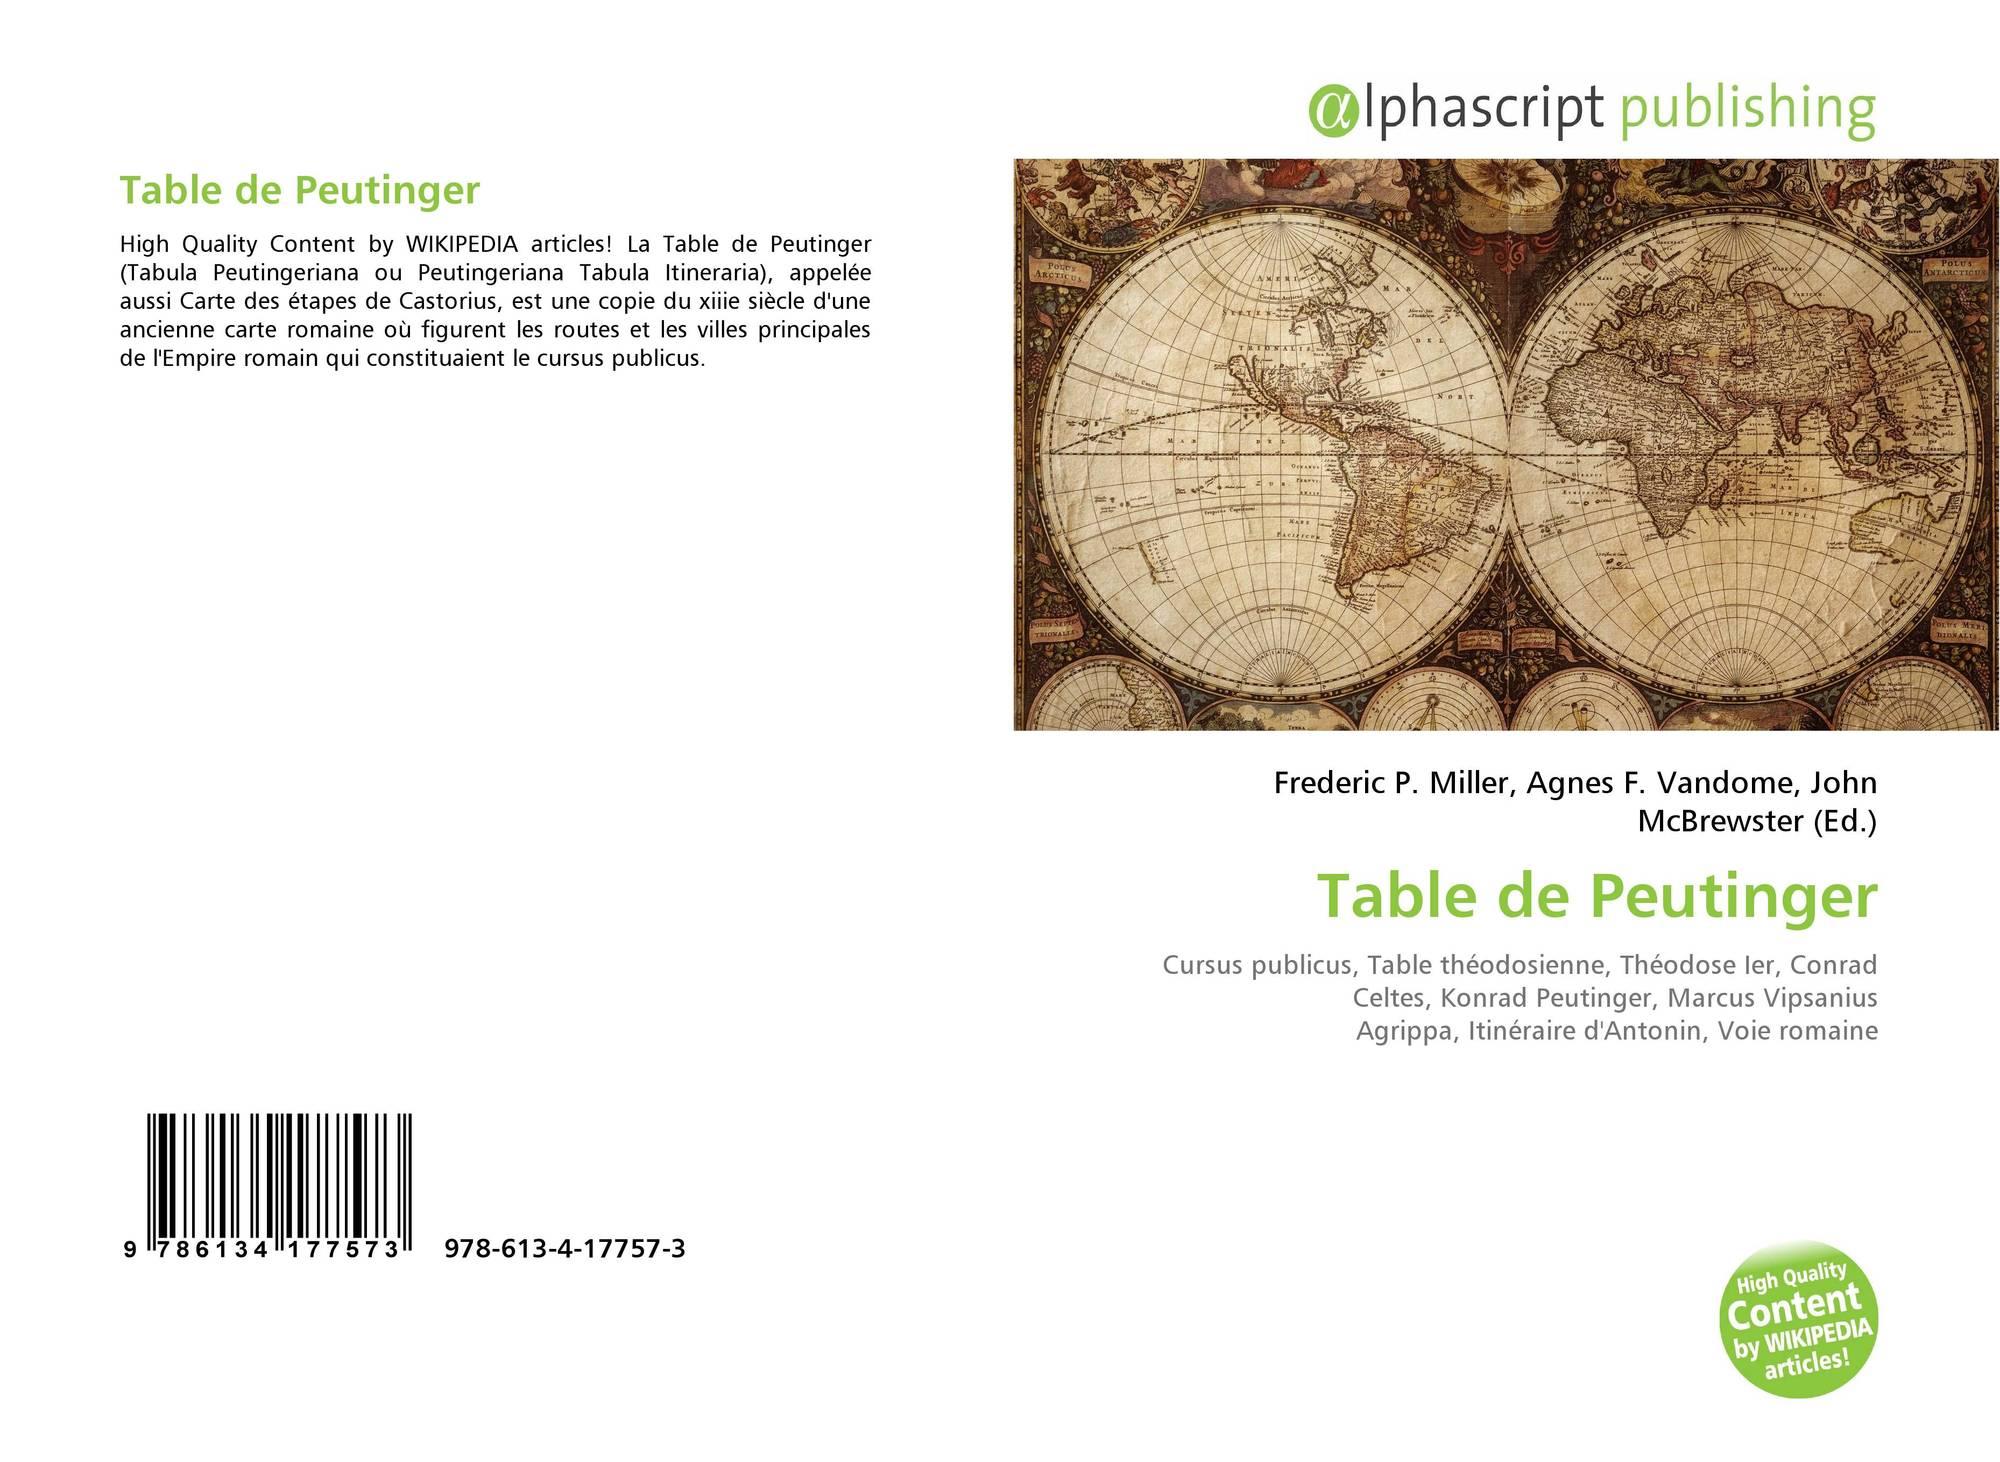 Table De Peutinger 978 613 4 17757 3 6134177571 9786134177573